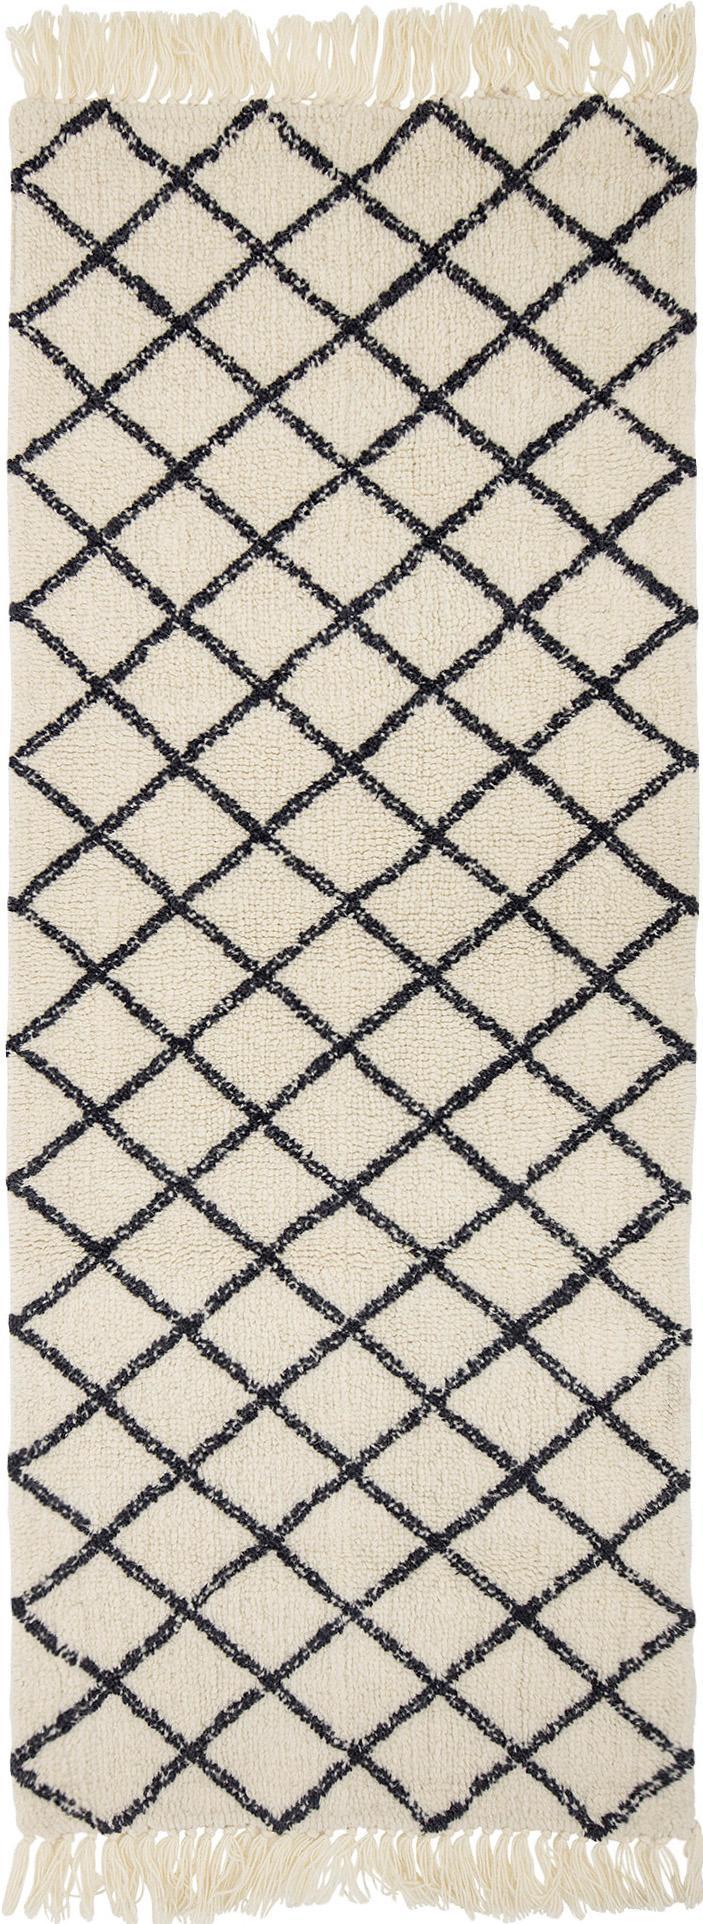 Alfombra de lana Alva, Crema, gris antracita, An 70 x L 200 cm